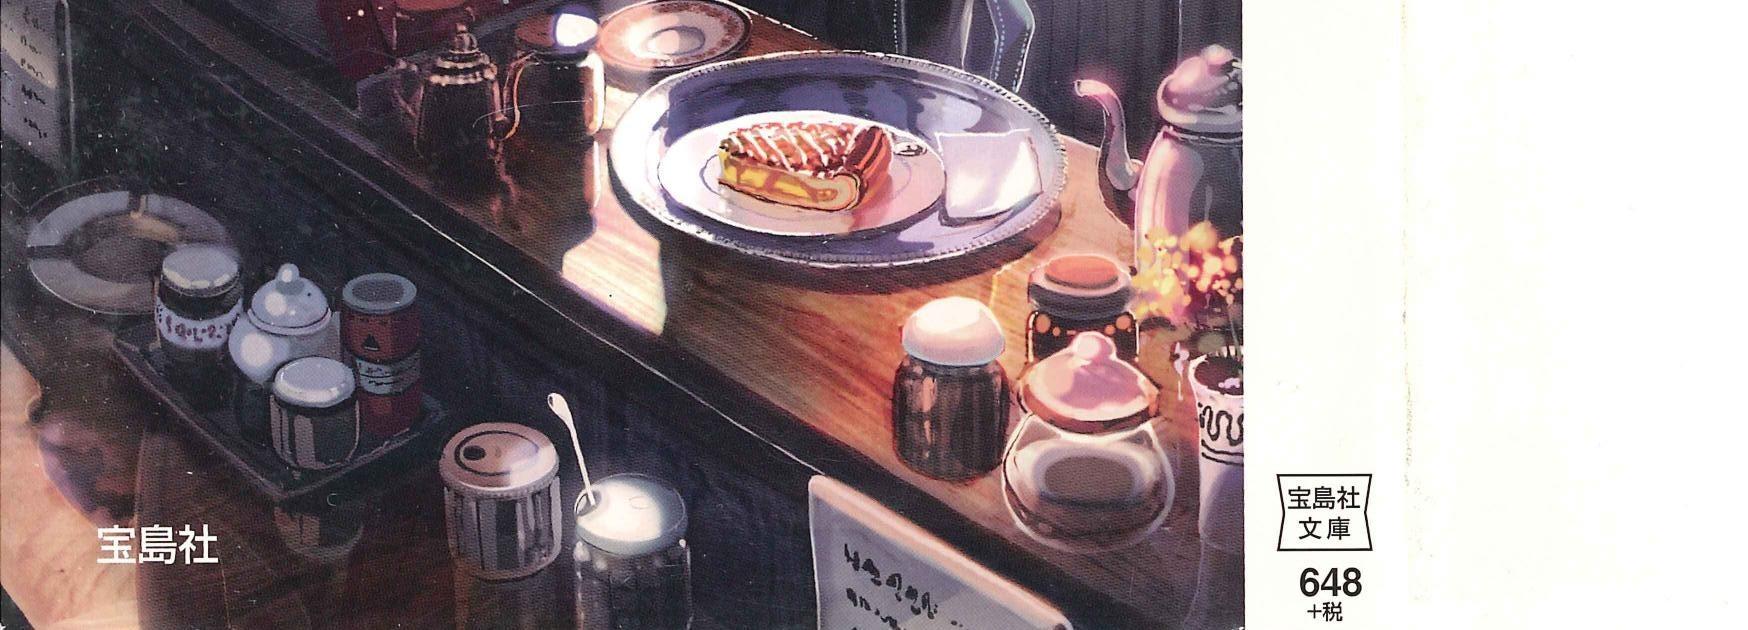 『珈琲店タレーランの事件簿―また会えたなら、あなたの淹れた珈琲を』_b0206085_11490042.jpg